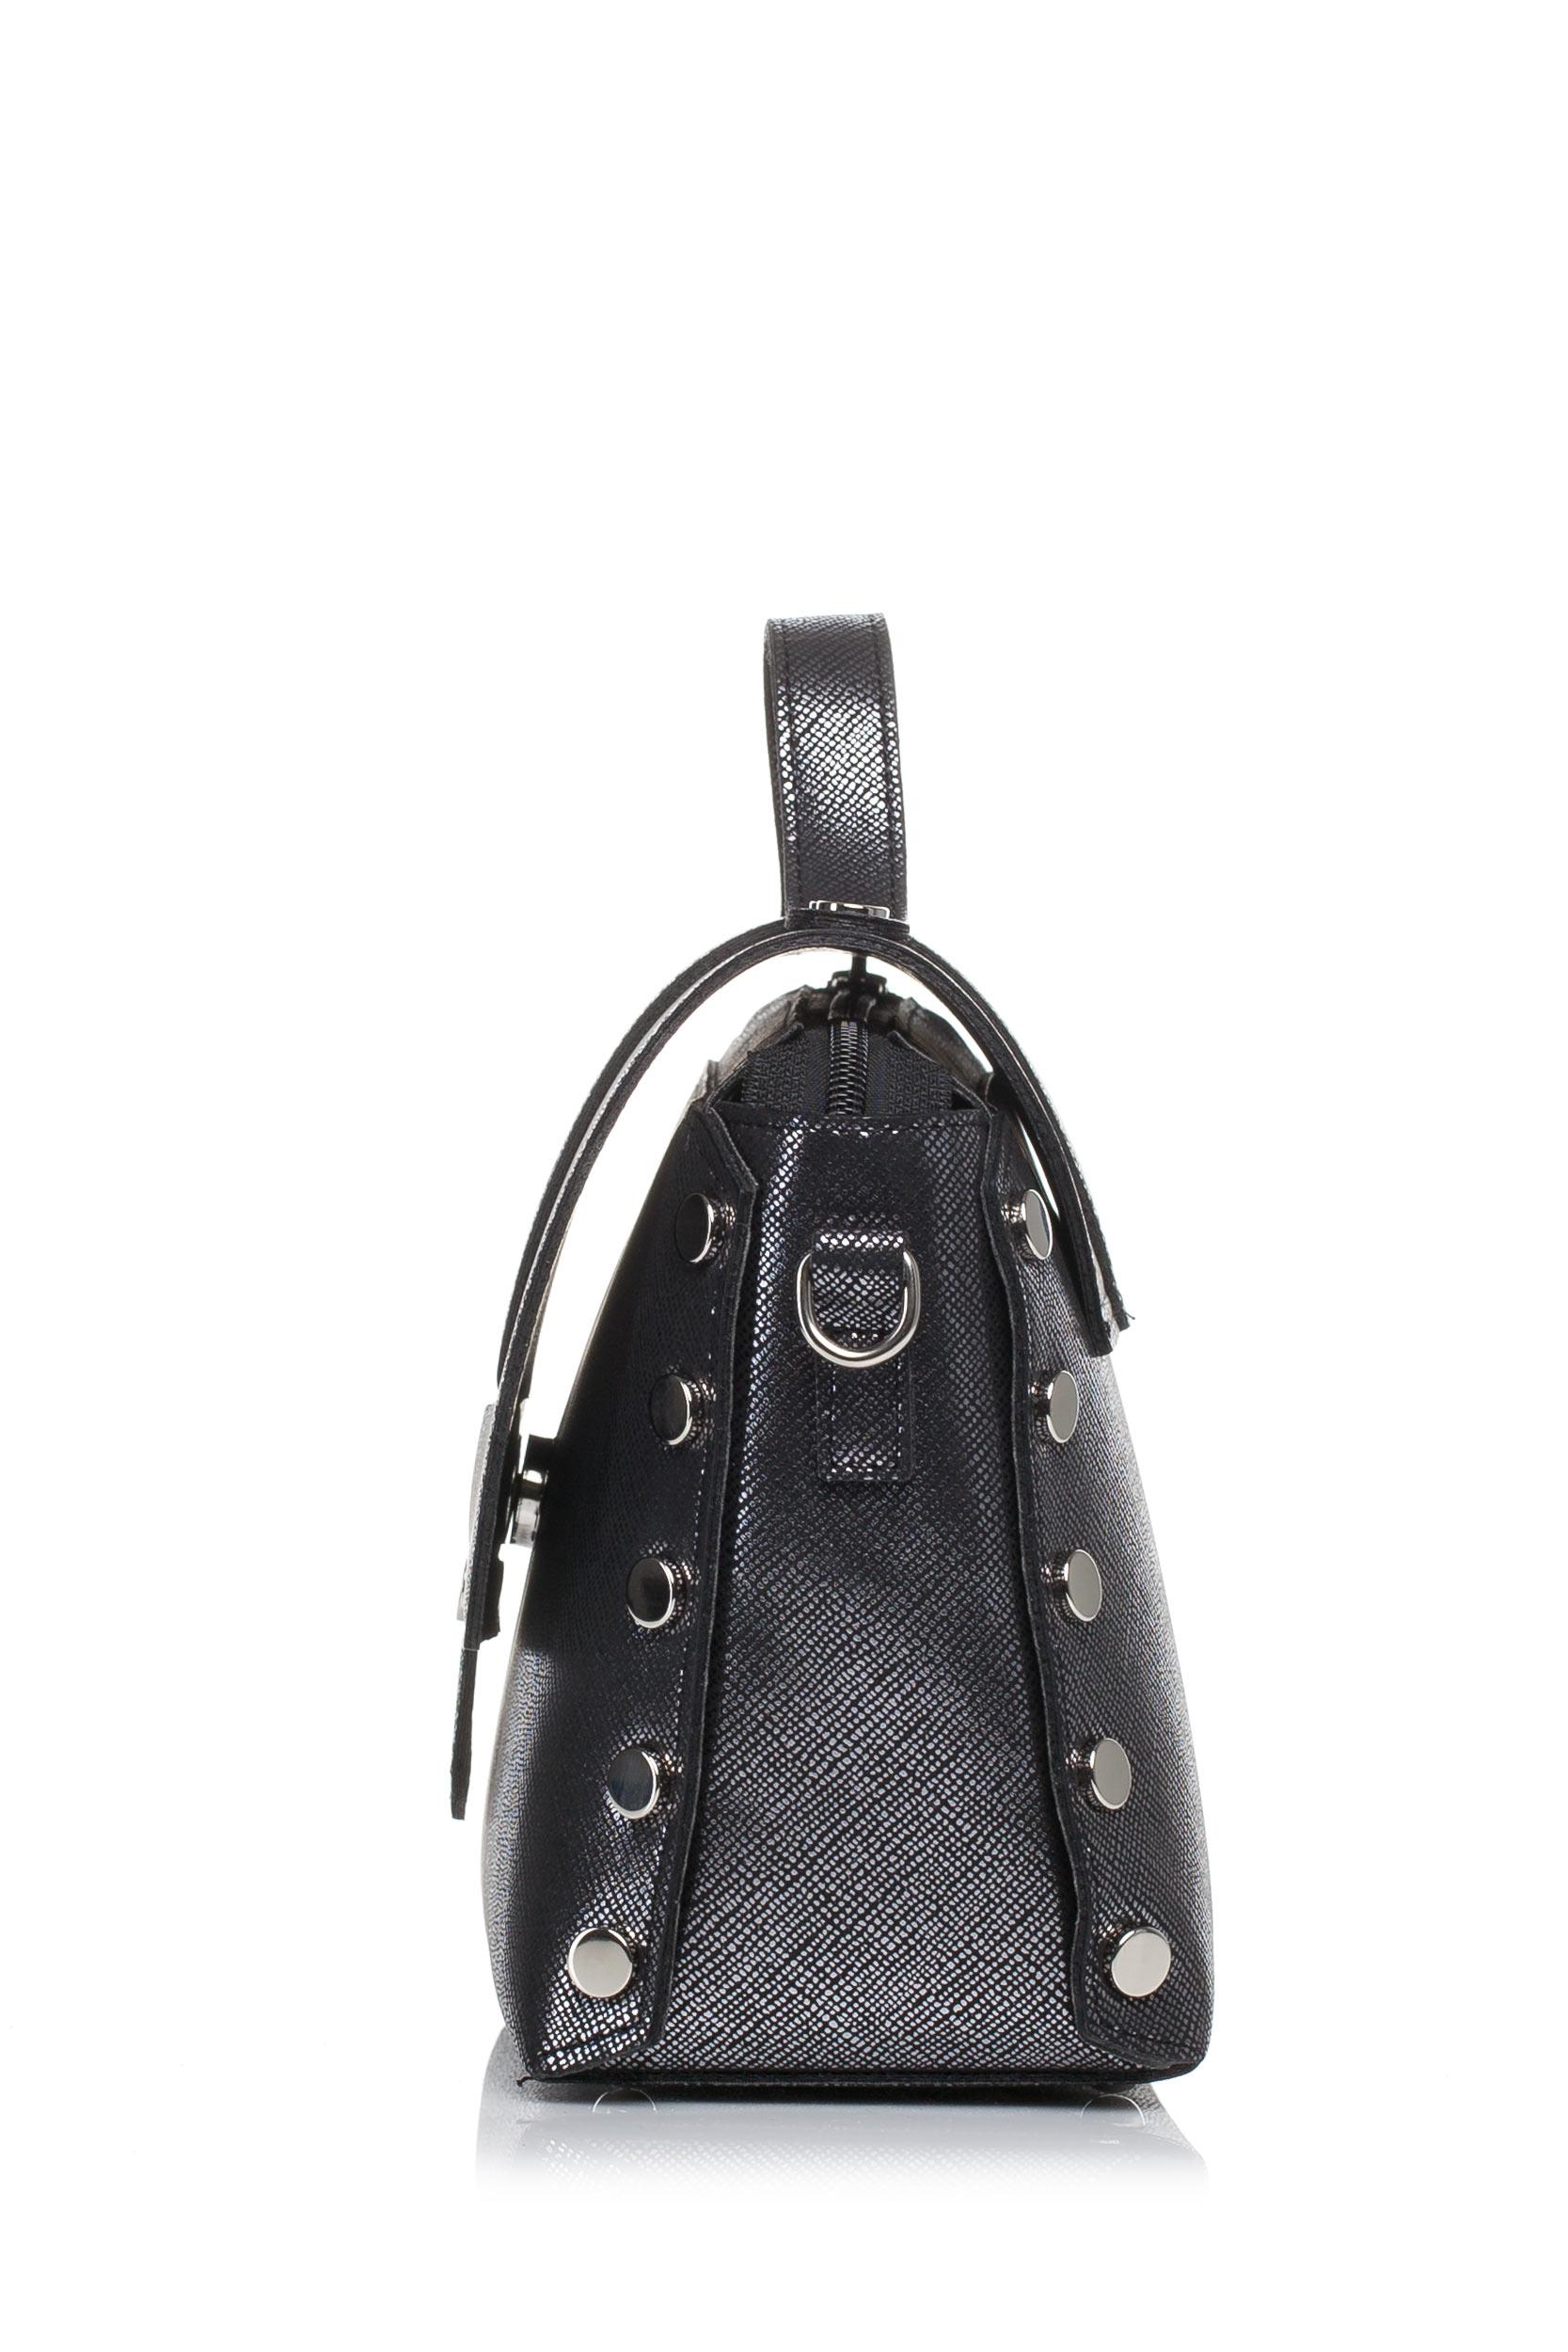 CM3573 Mała zapinana torebka z paskiem - ciemno-srebrna